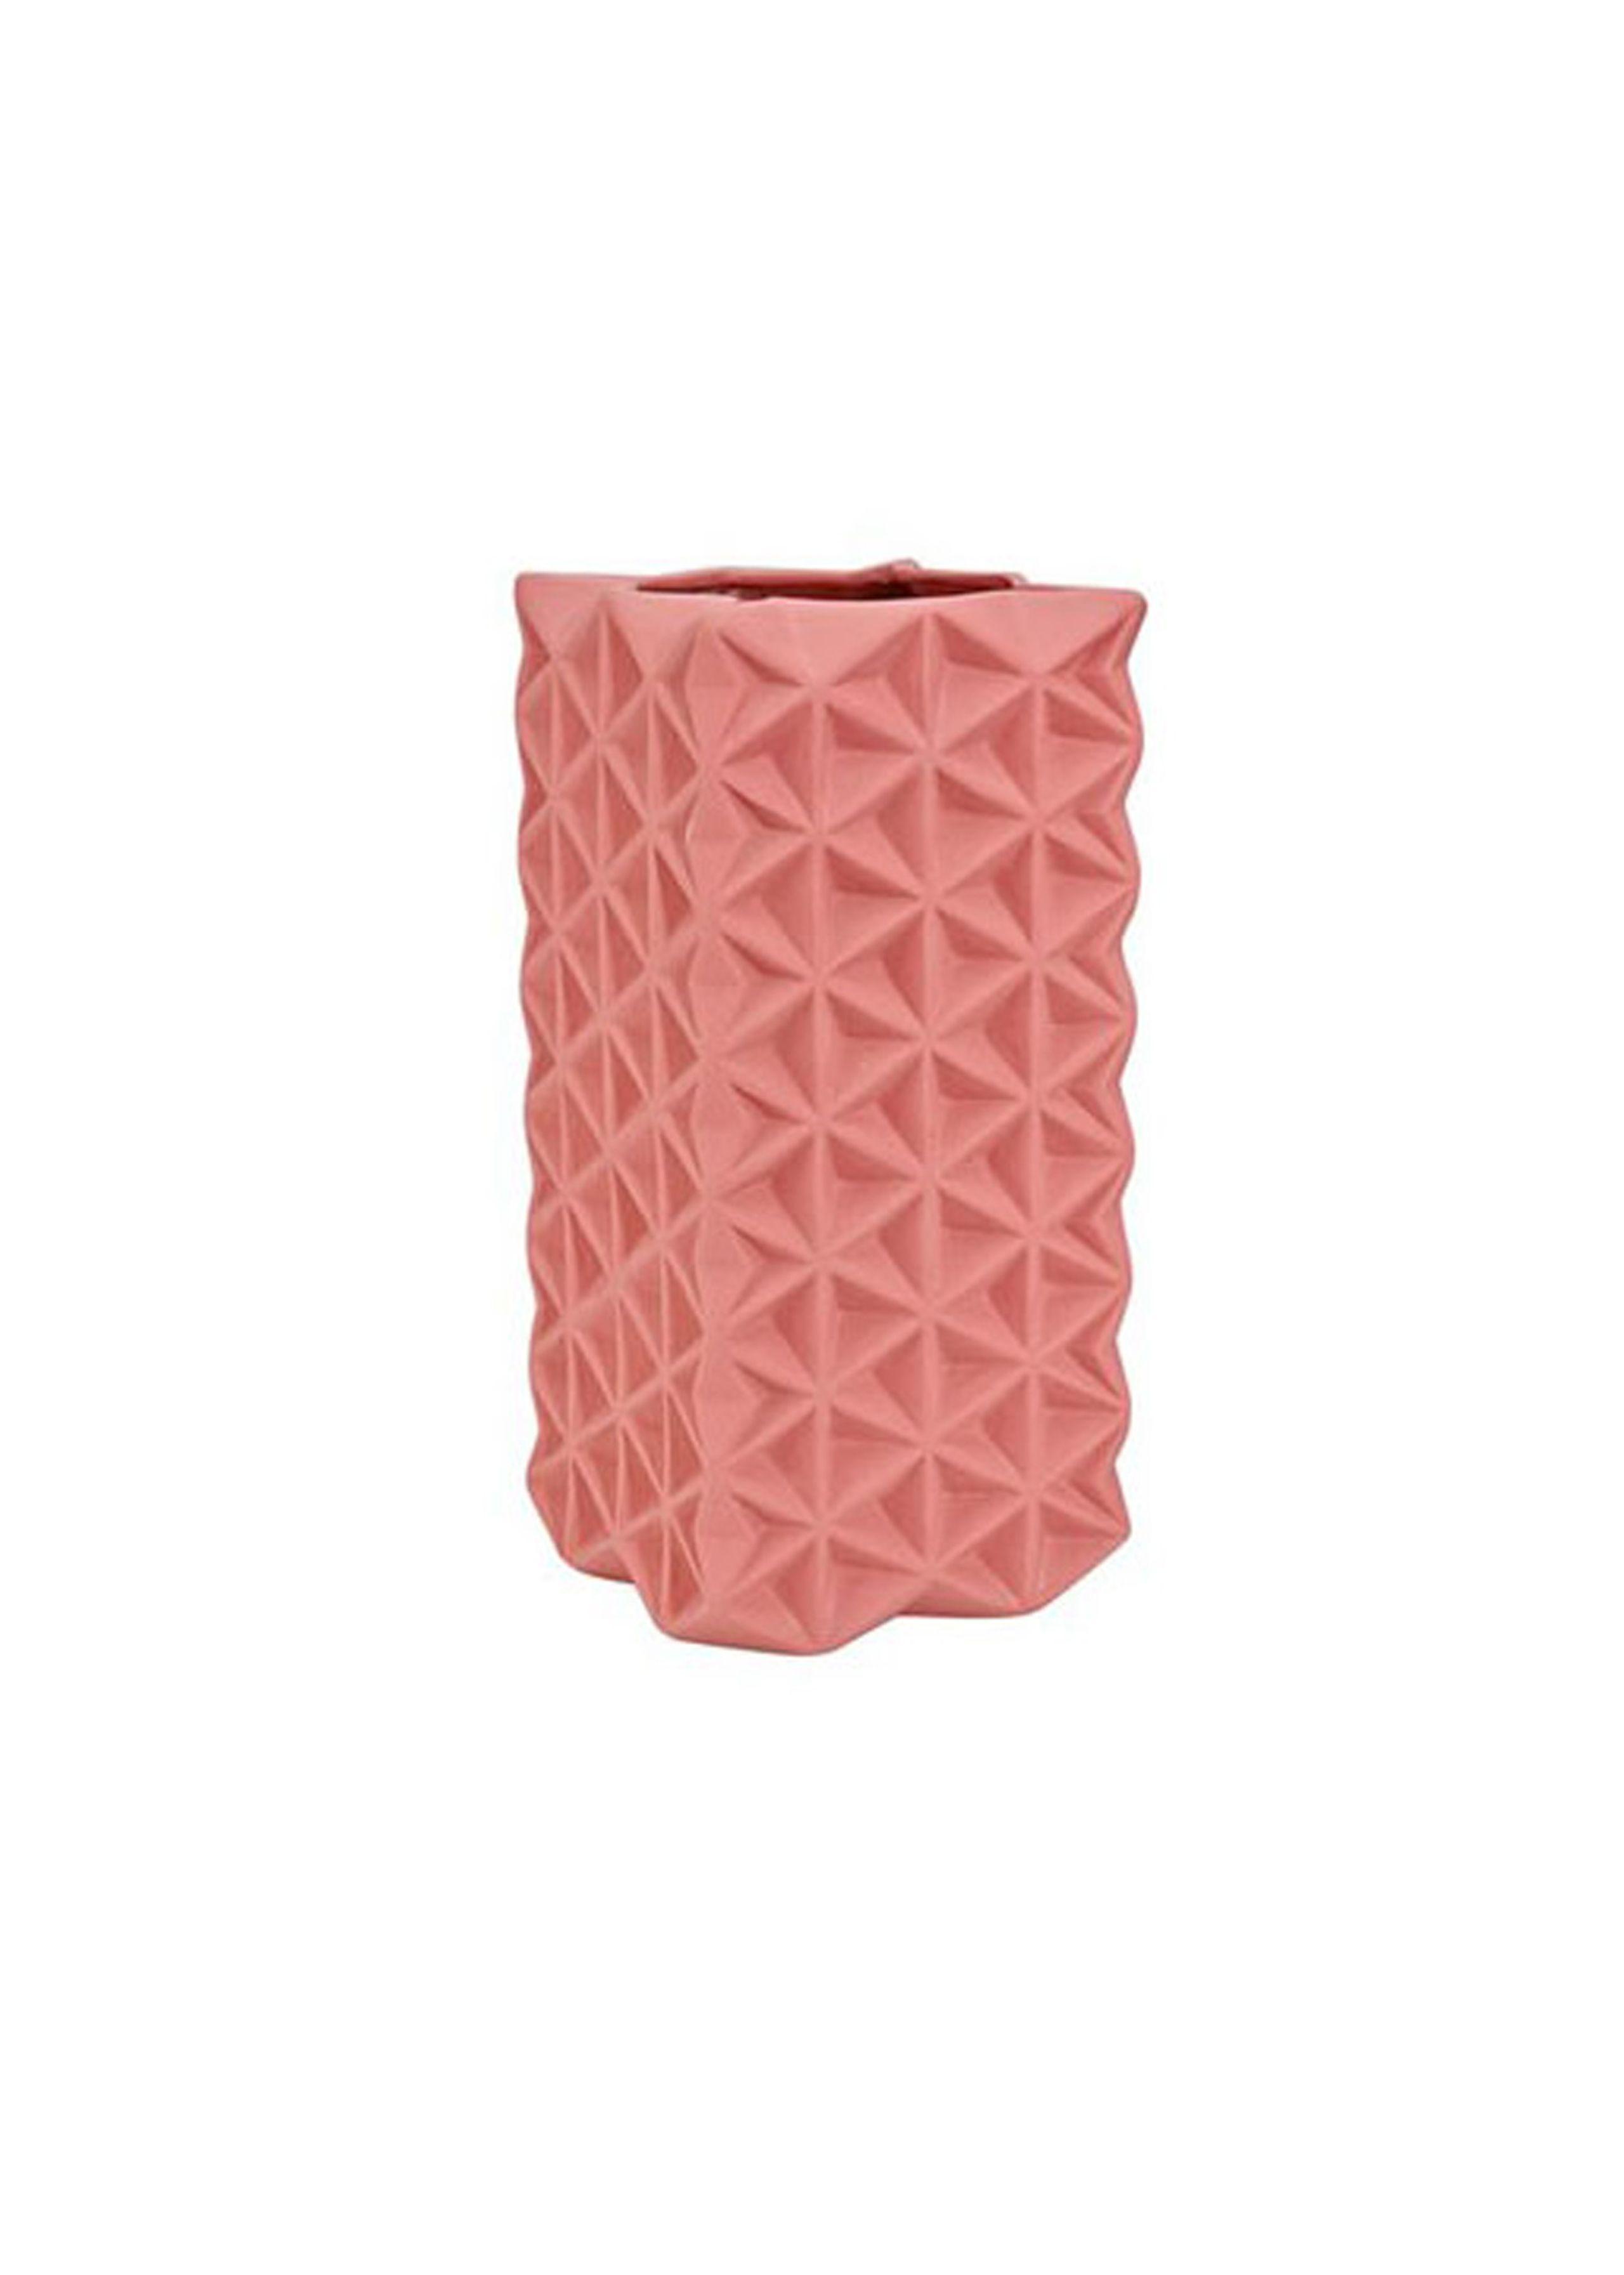 Grid vase - tall